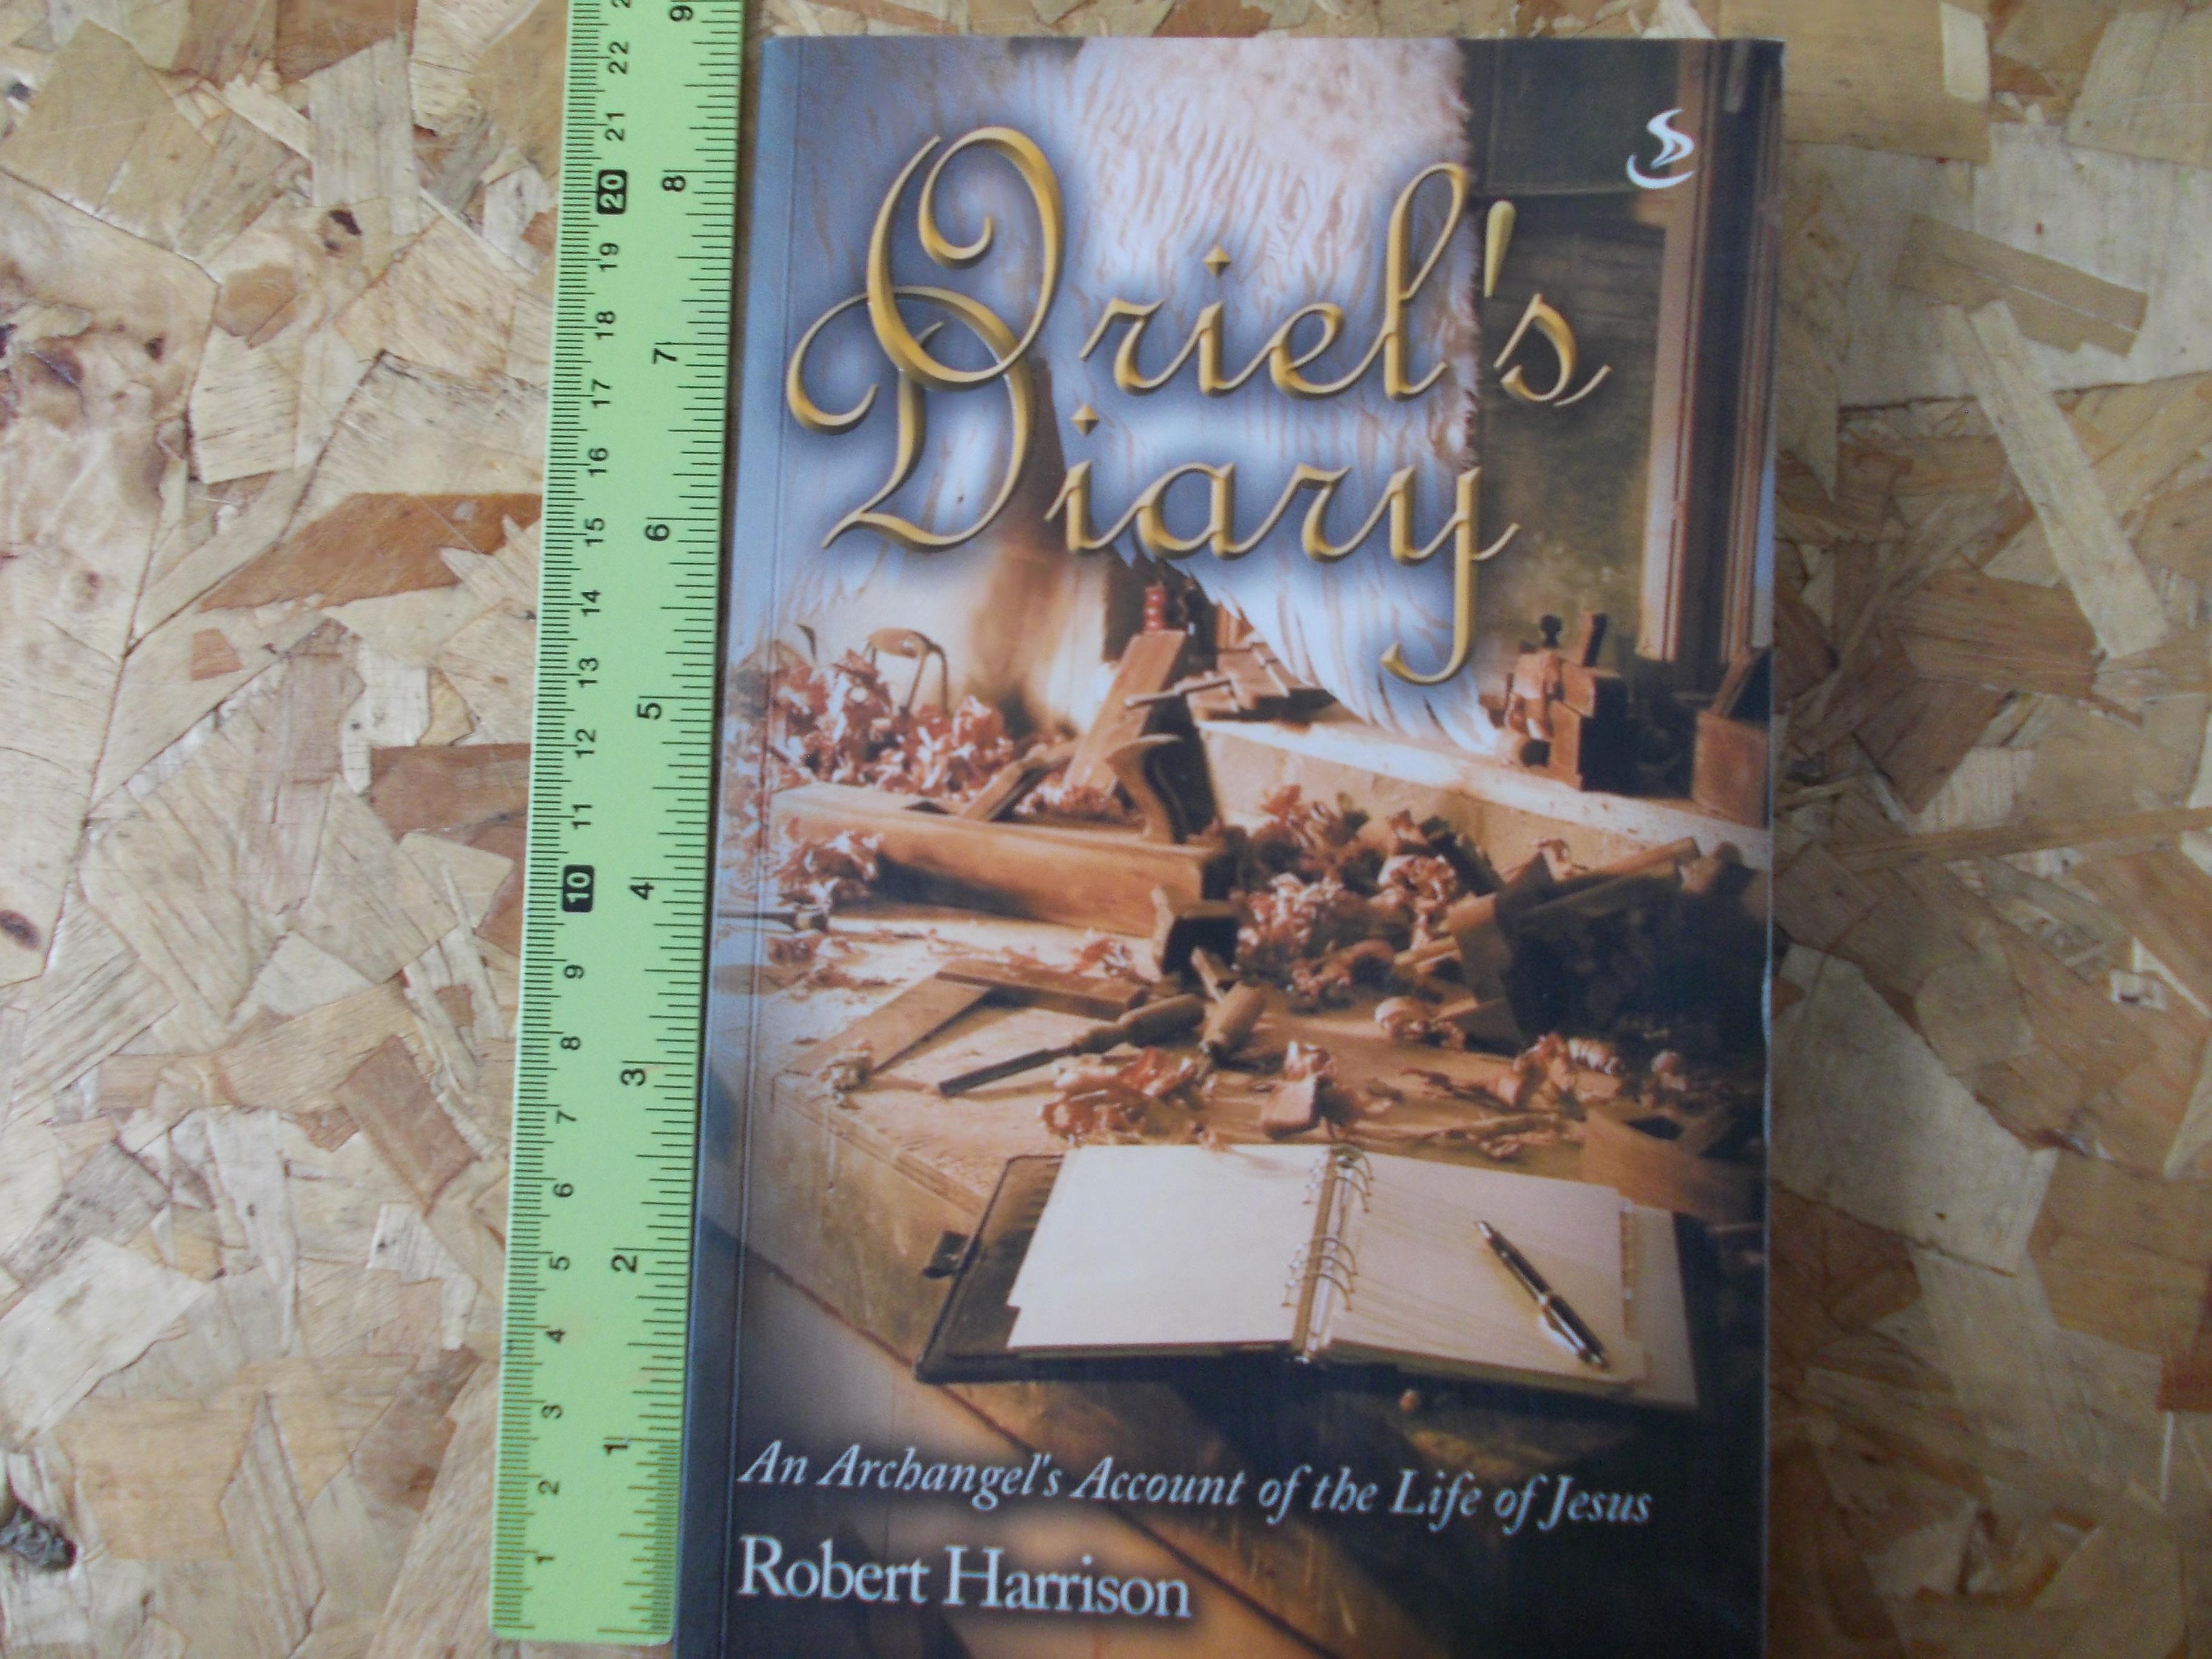 Oriel's Diary (By Robert Harrison)